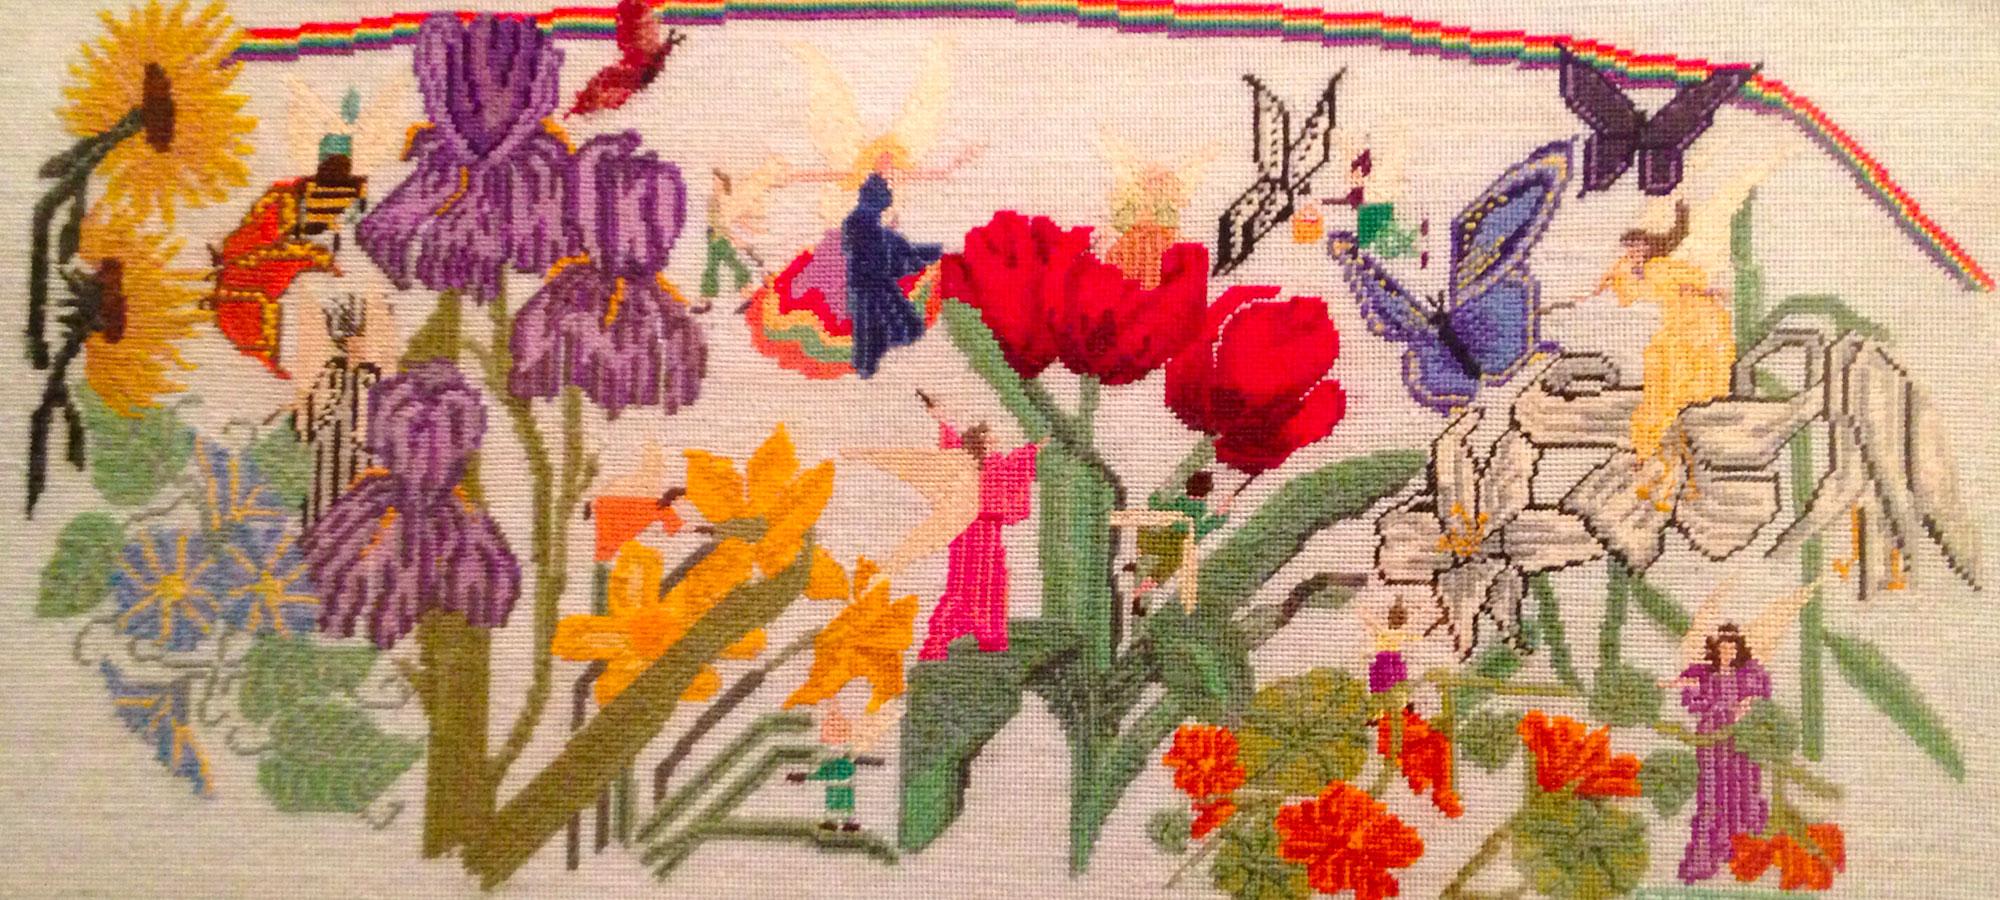 Fullsize photo of flower art